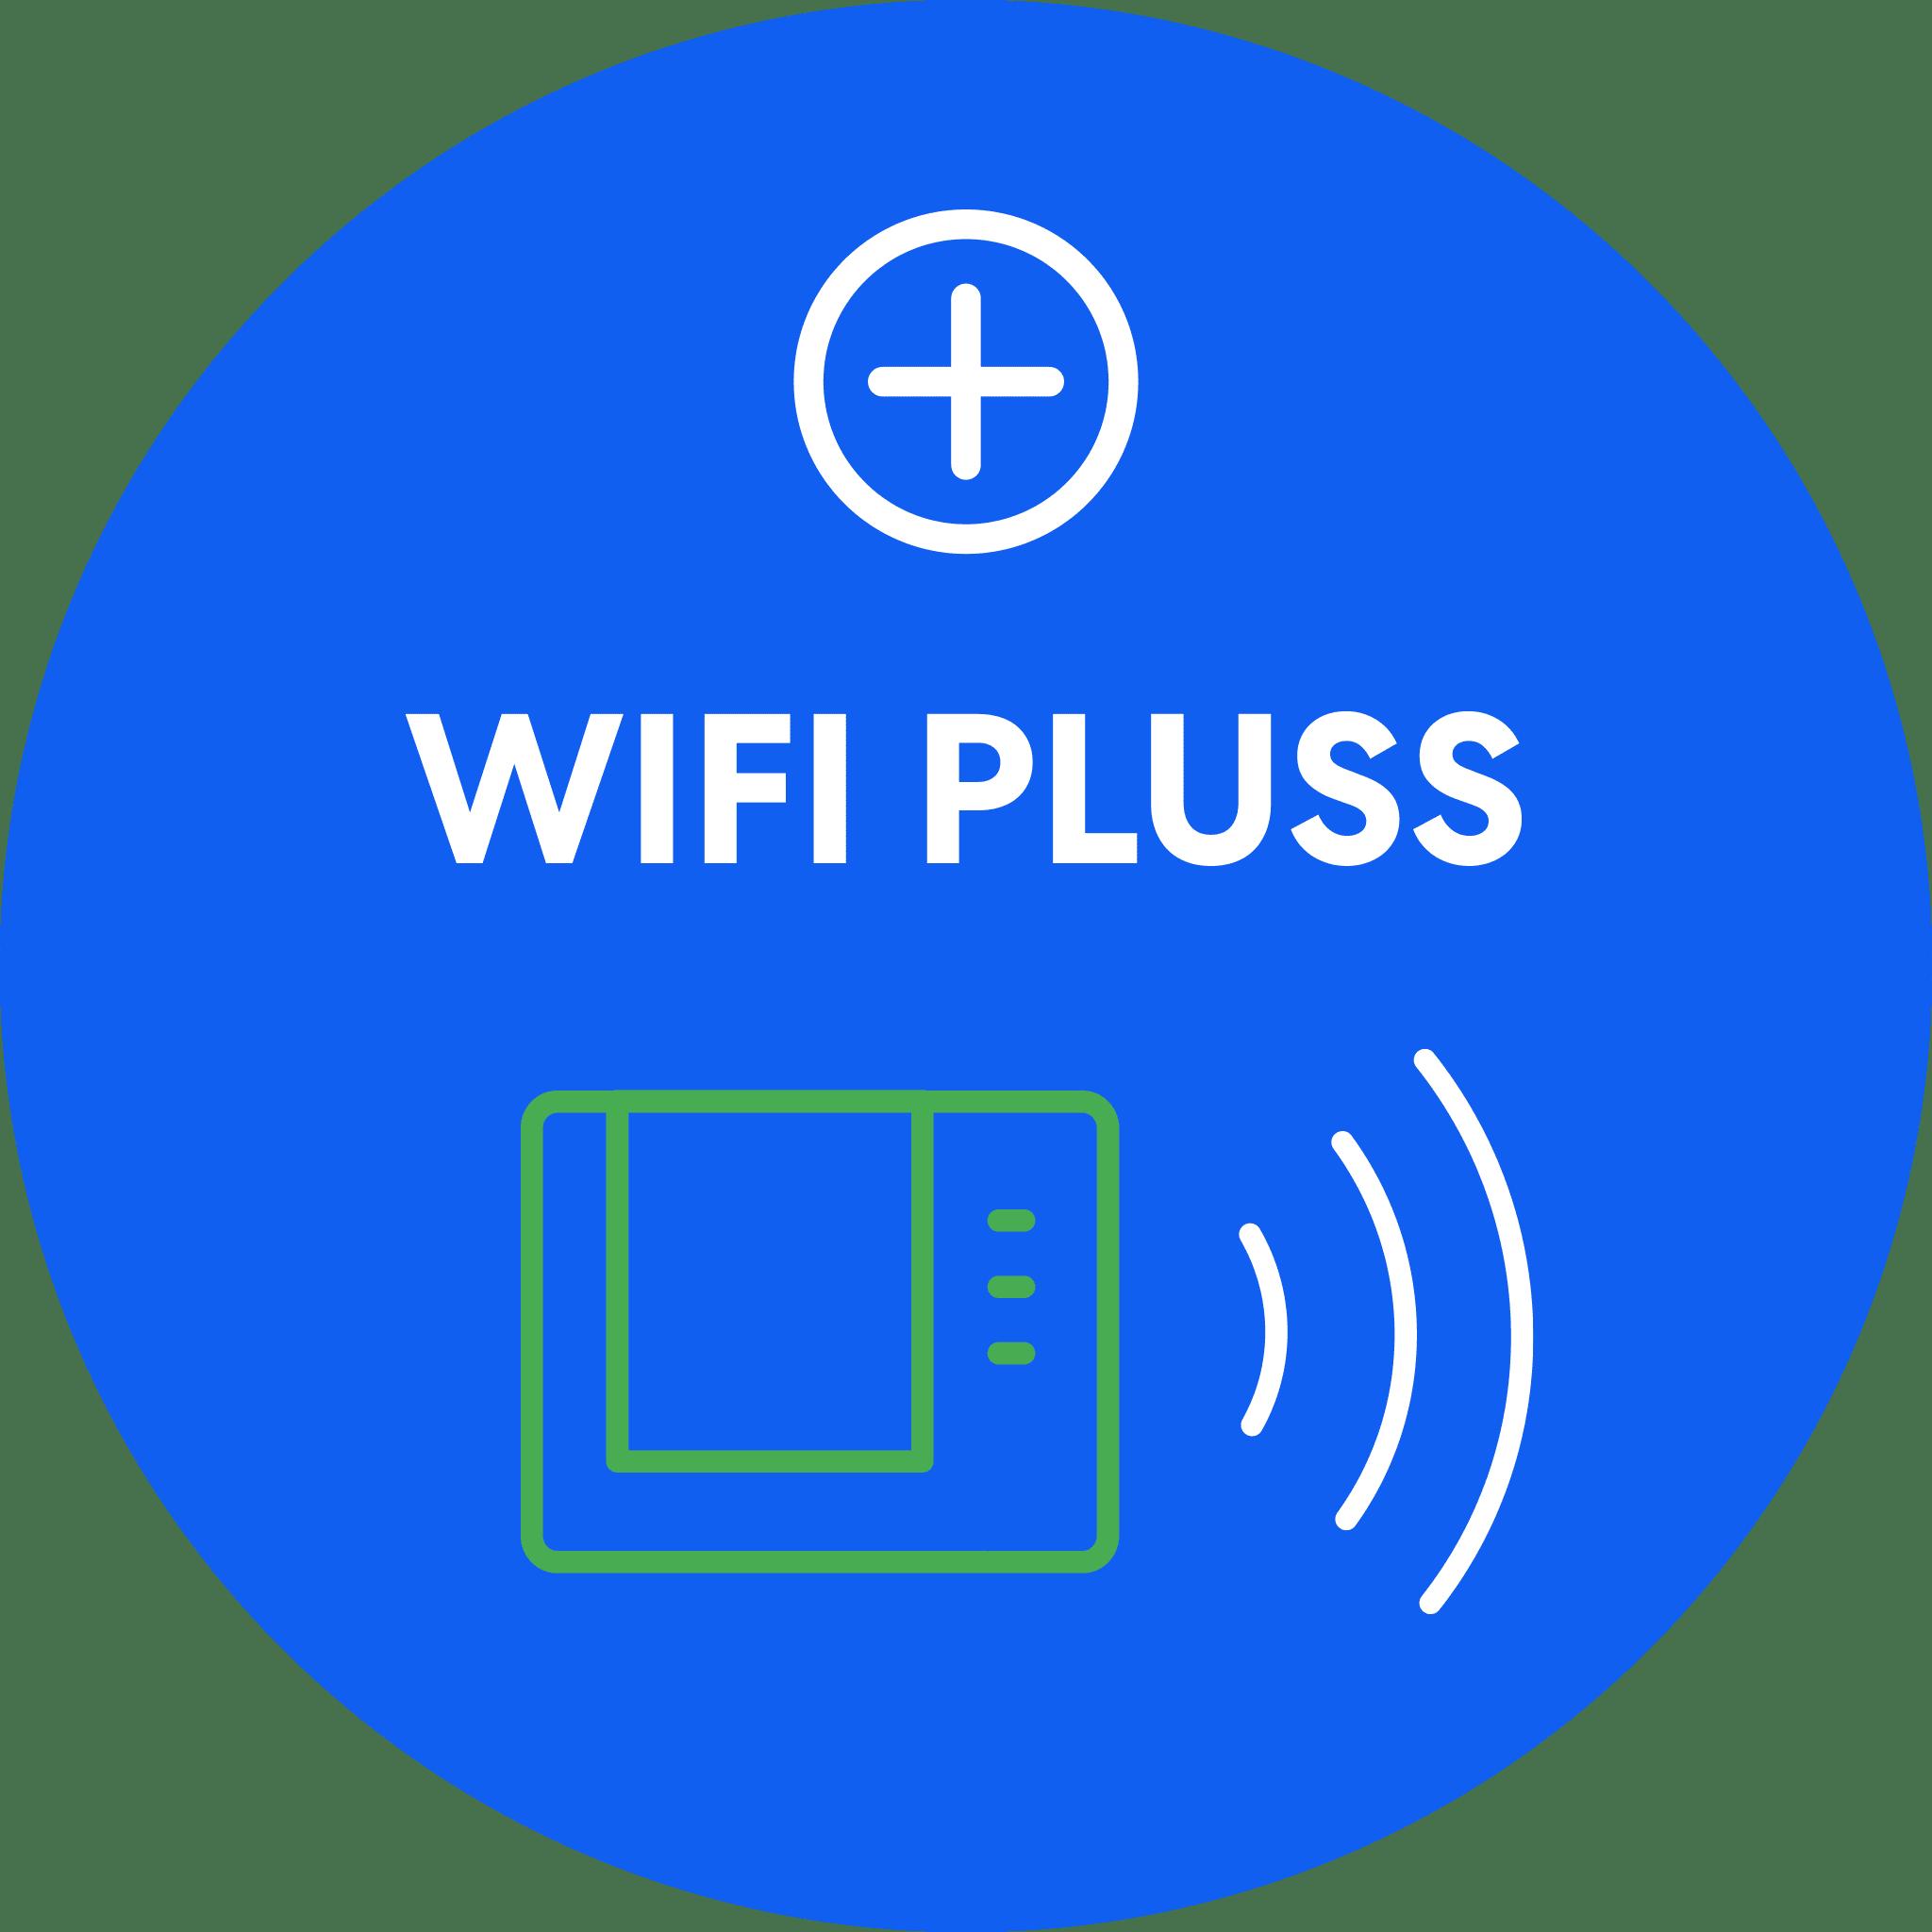 Wifi Pluss